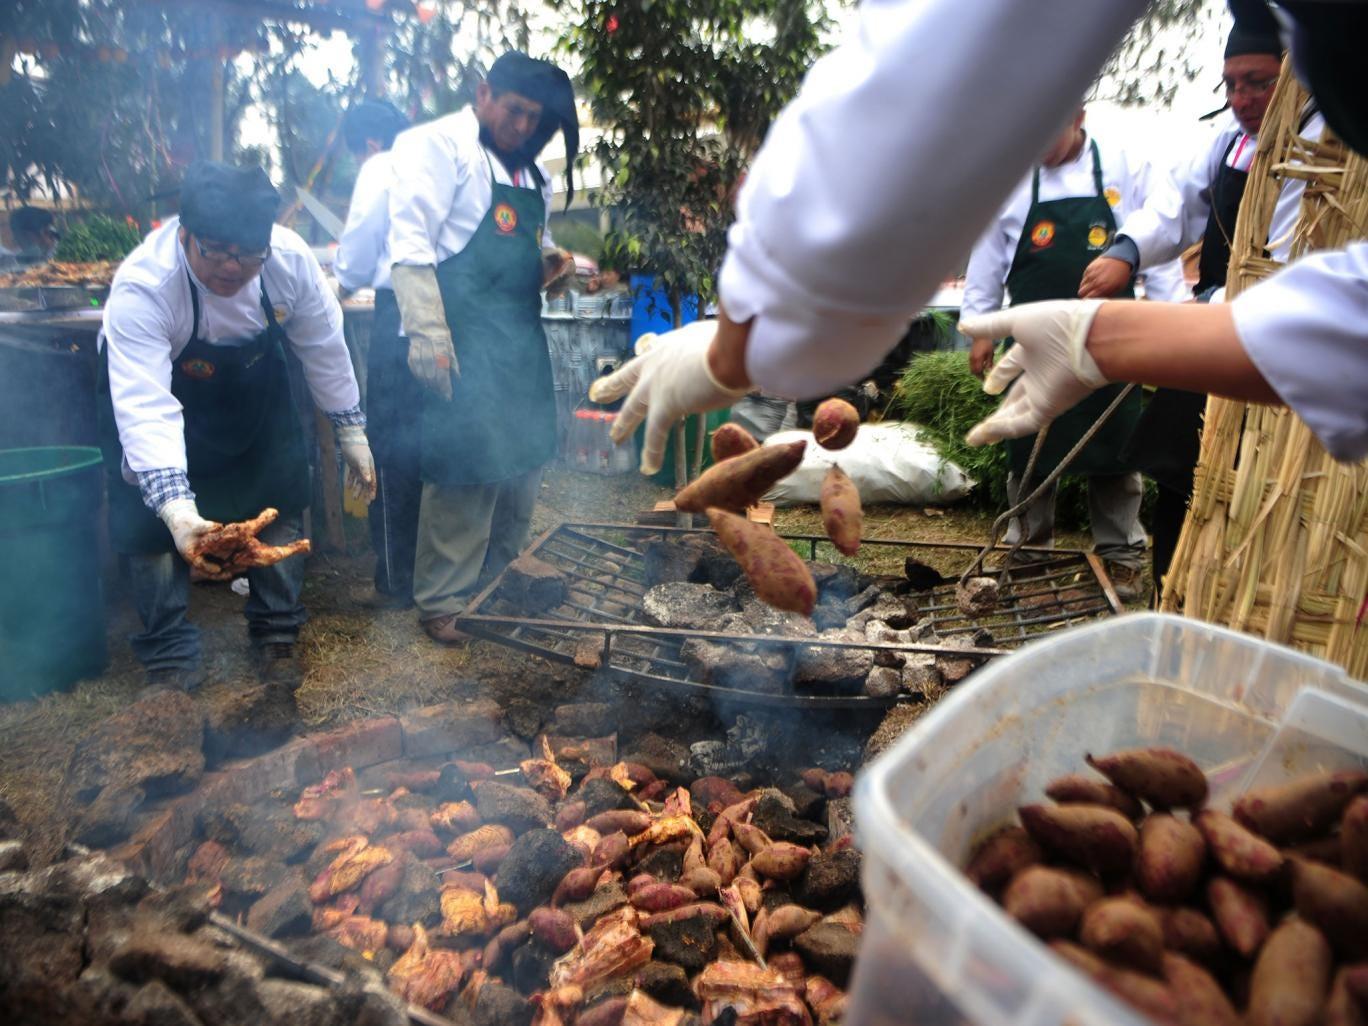 Cooks prepare a potato dish at a Lima food fair